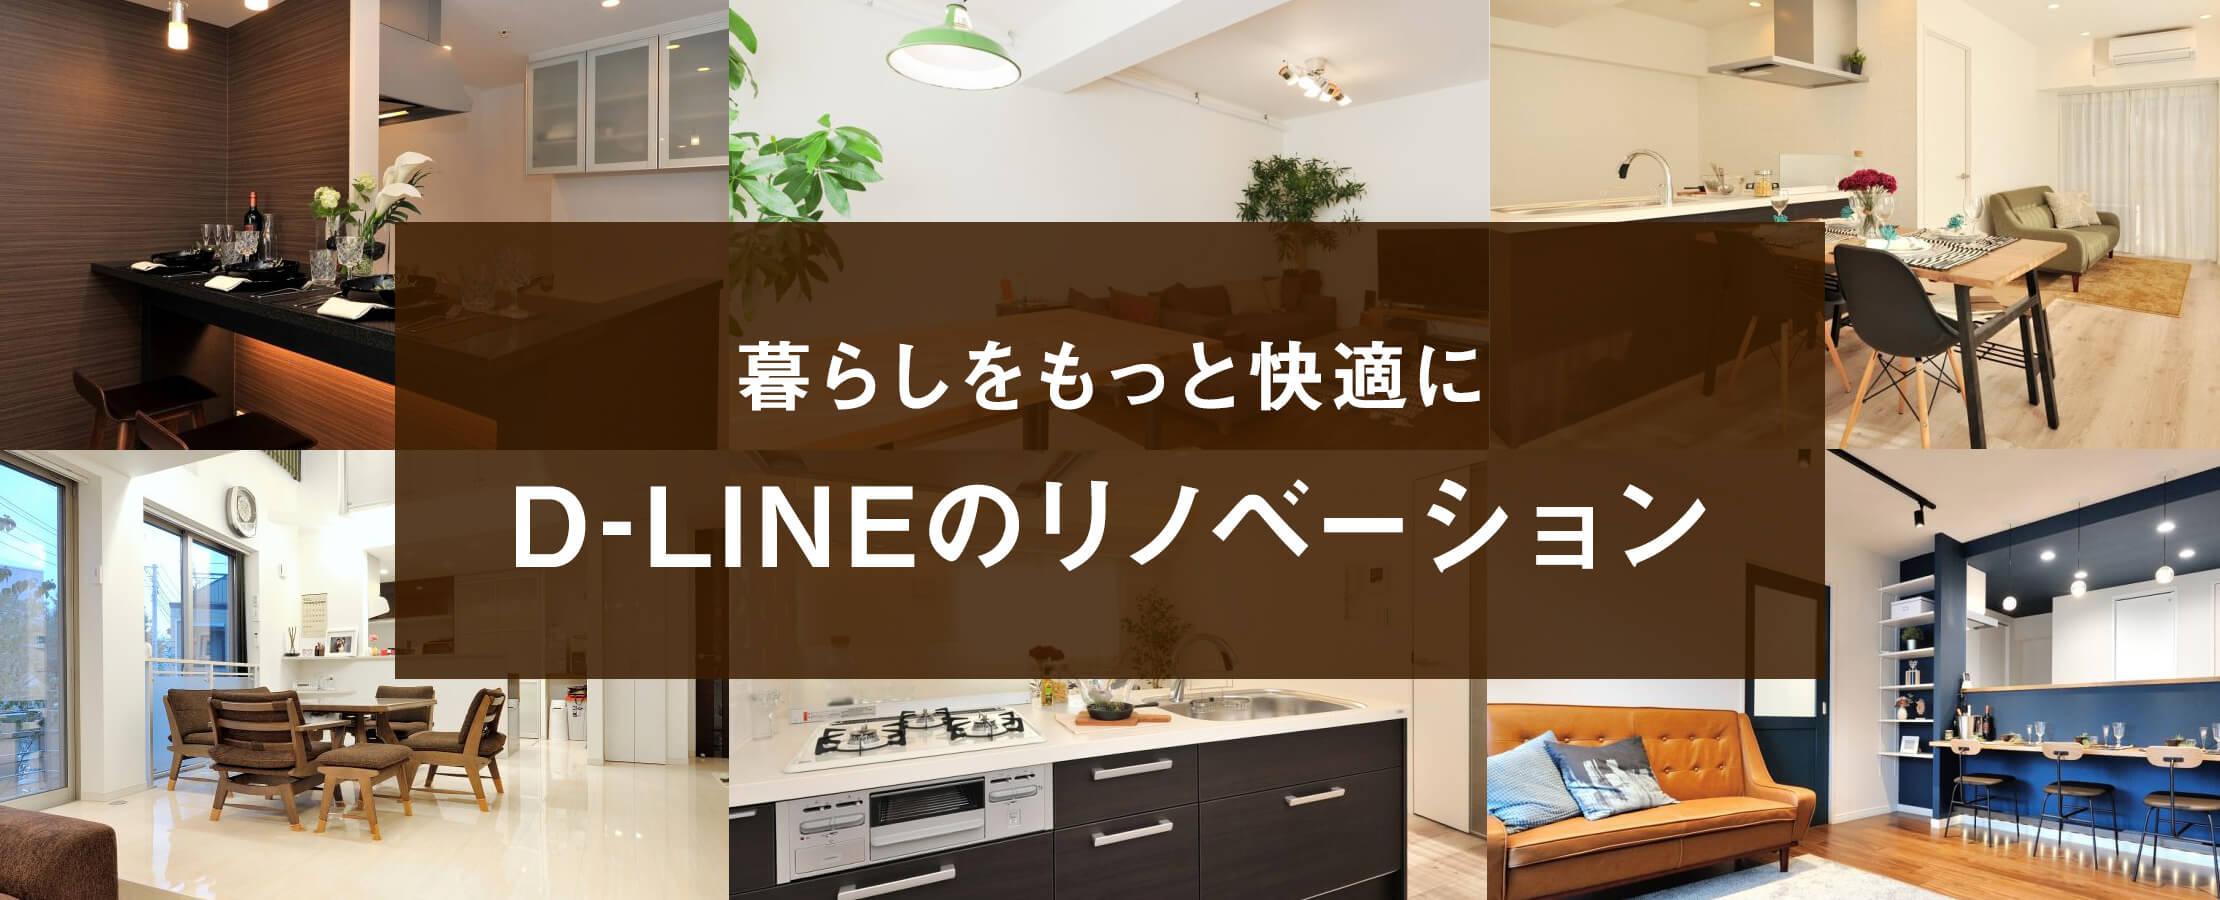 暮らしをもっと快適に D-LINEのイノベーション